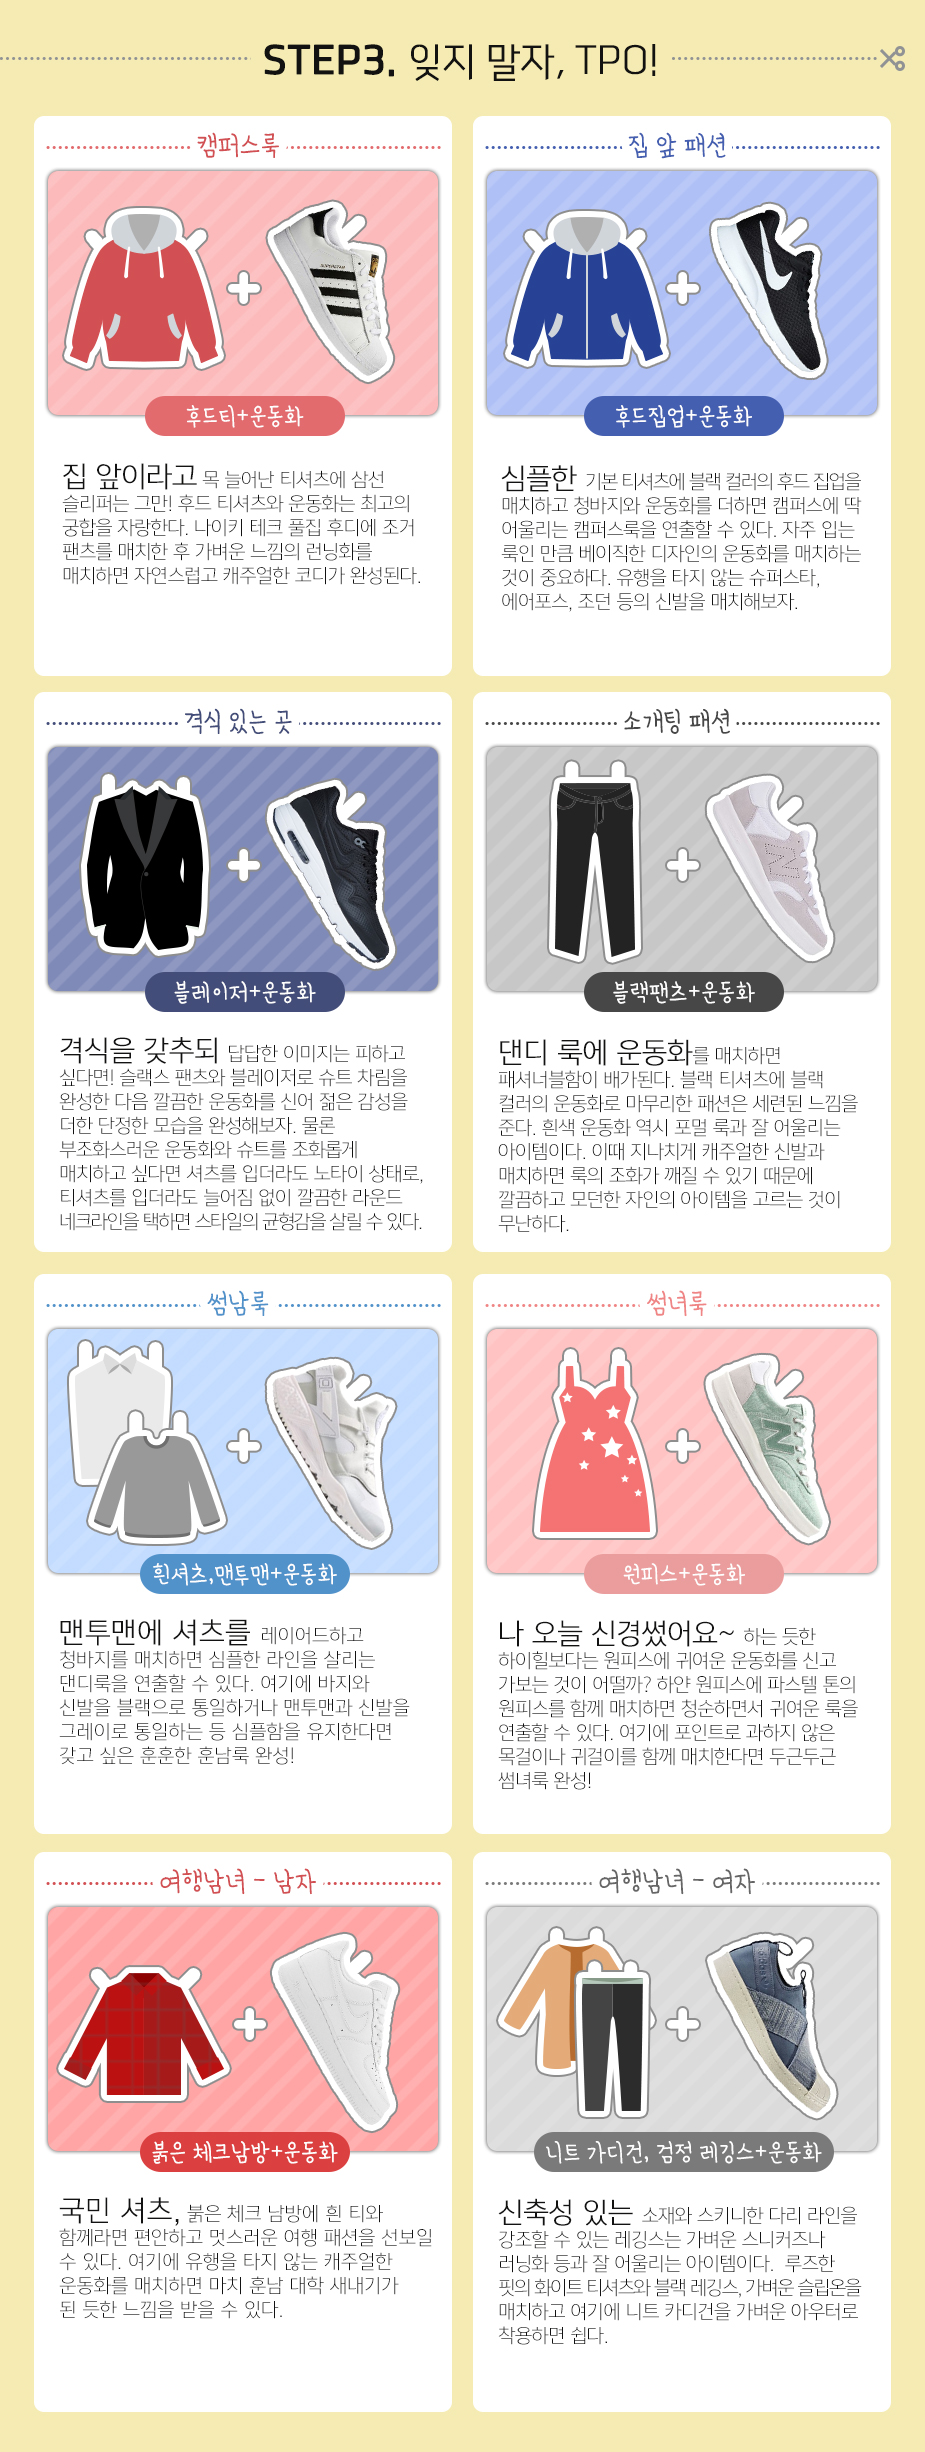 운동화 코디3 흰 운동화 세탁법 및 코디 팁! 흰티, 흰색셔츠 빨래 요령